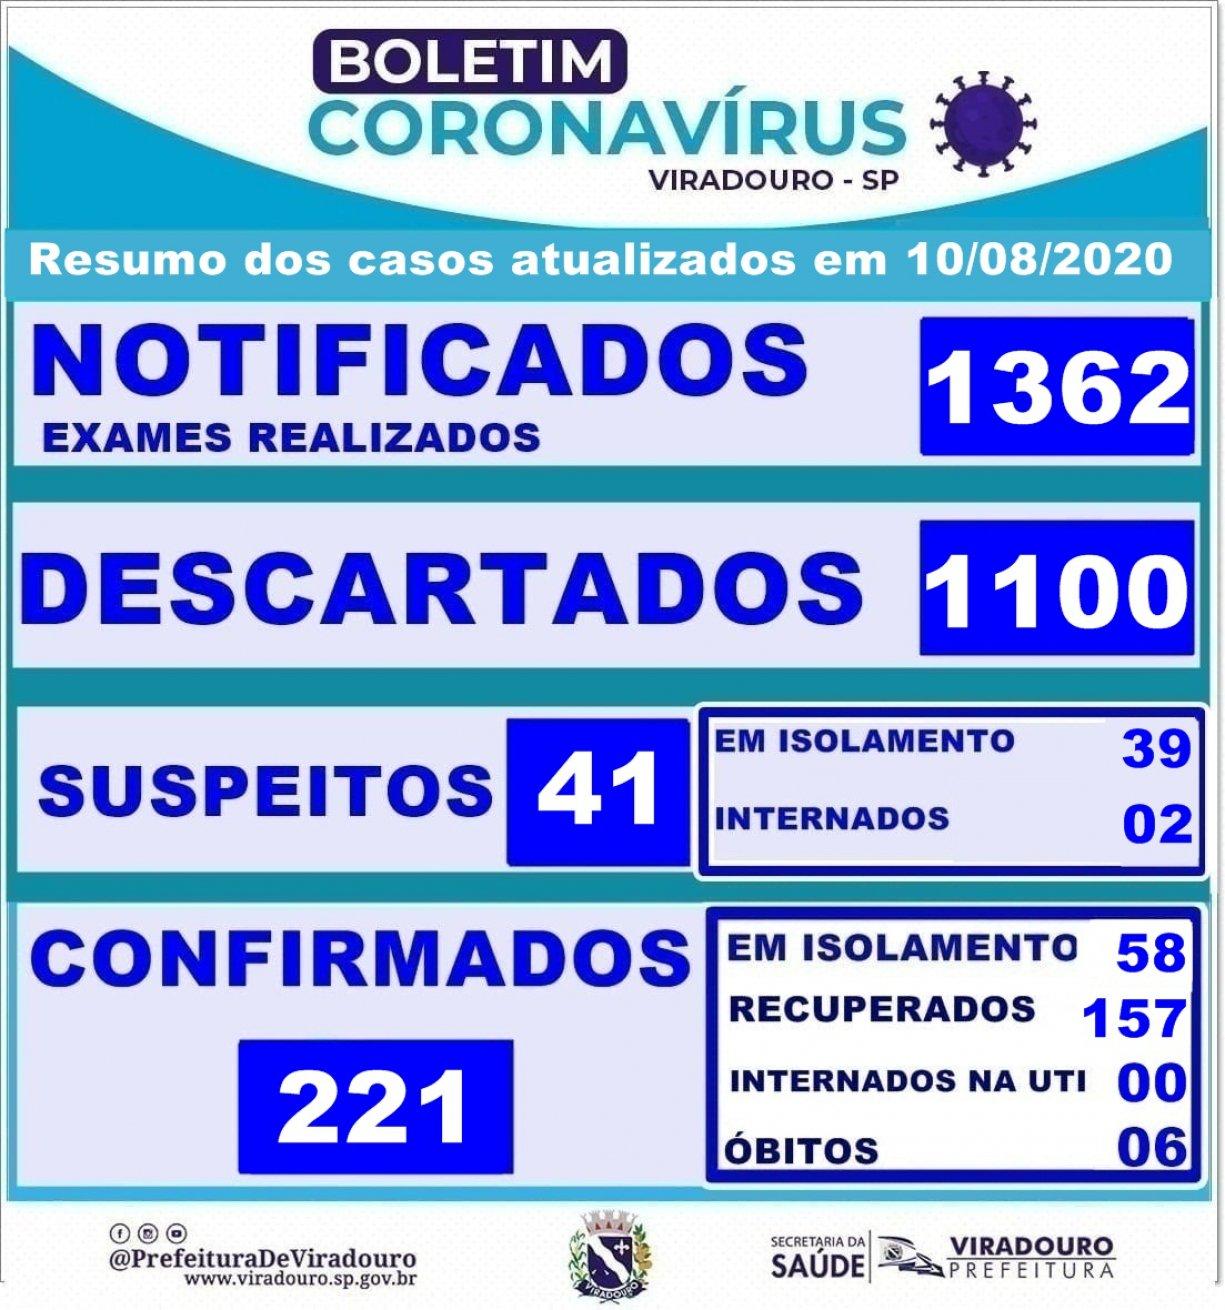 Boletim Epidemiológico Viradouro (Atualização 10/08/2020)